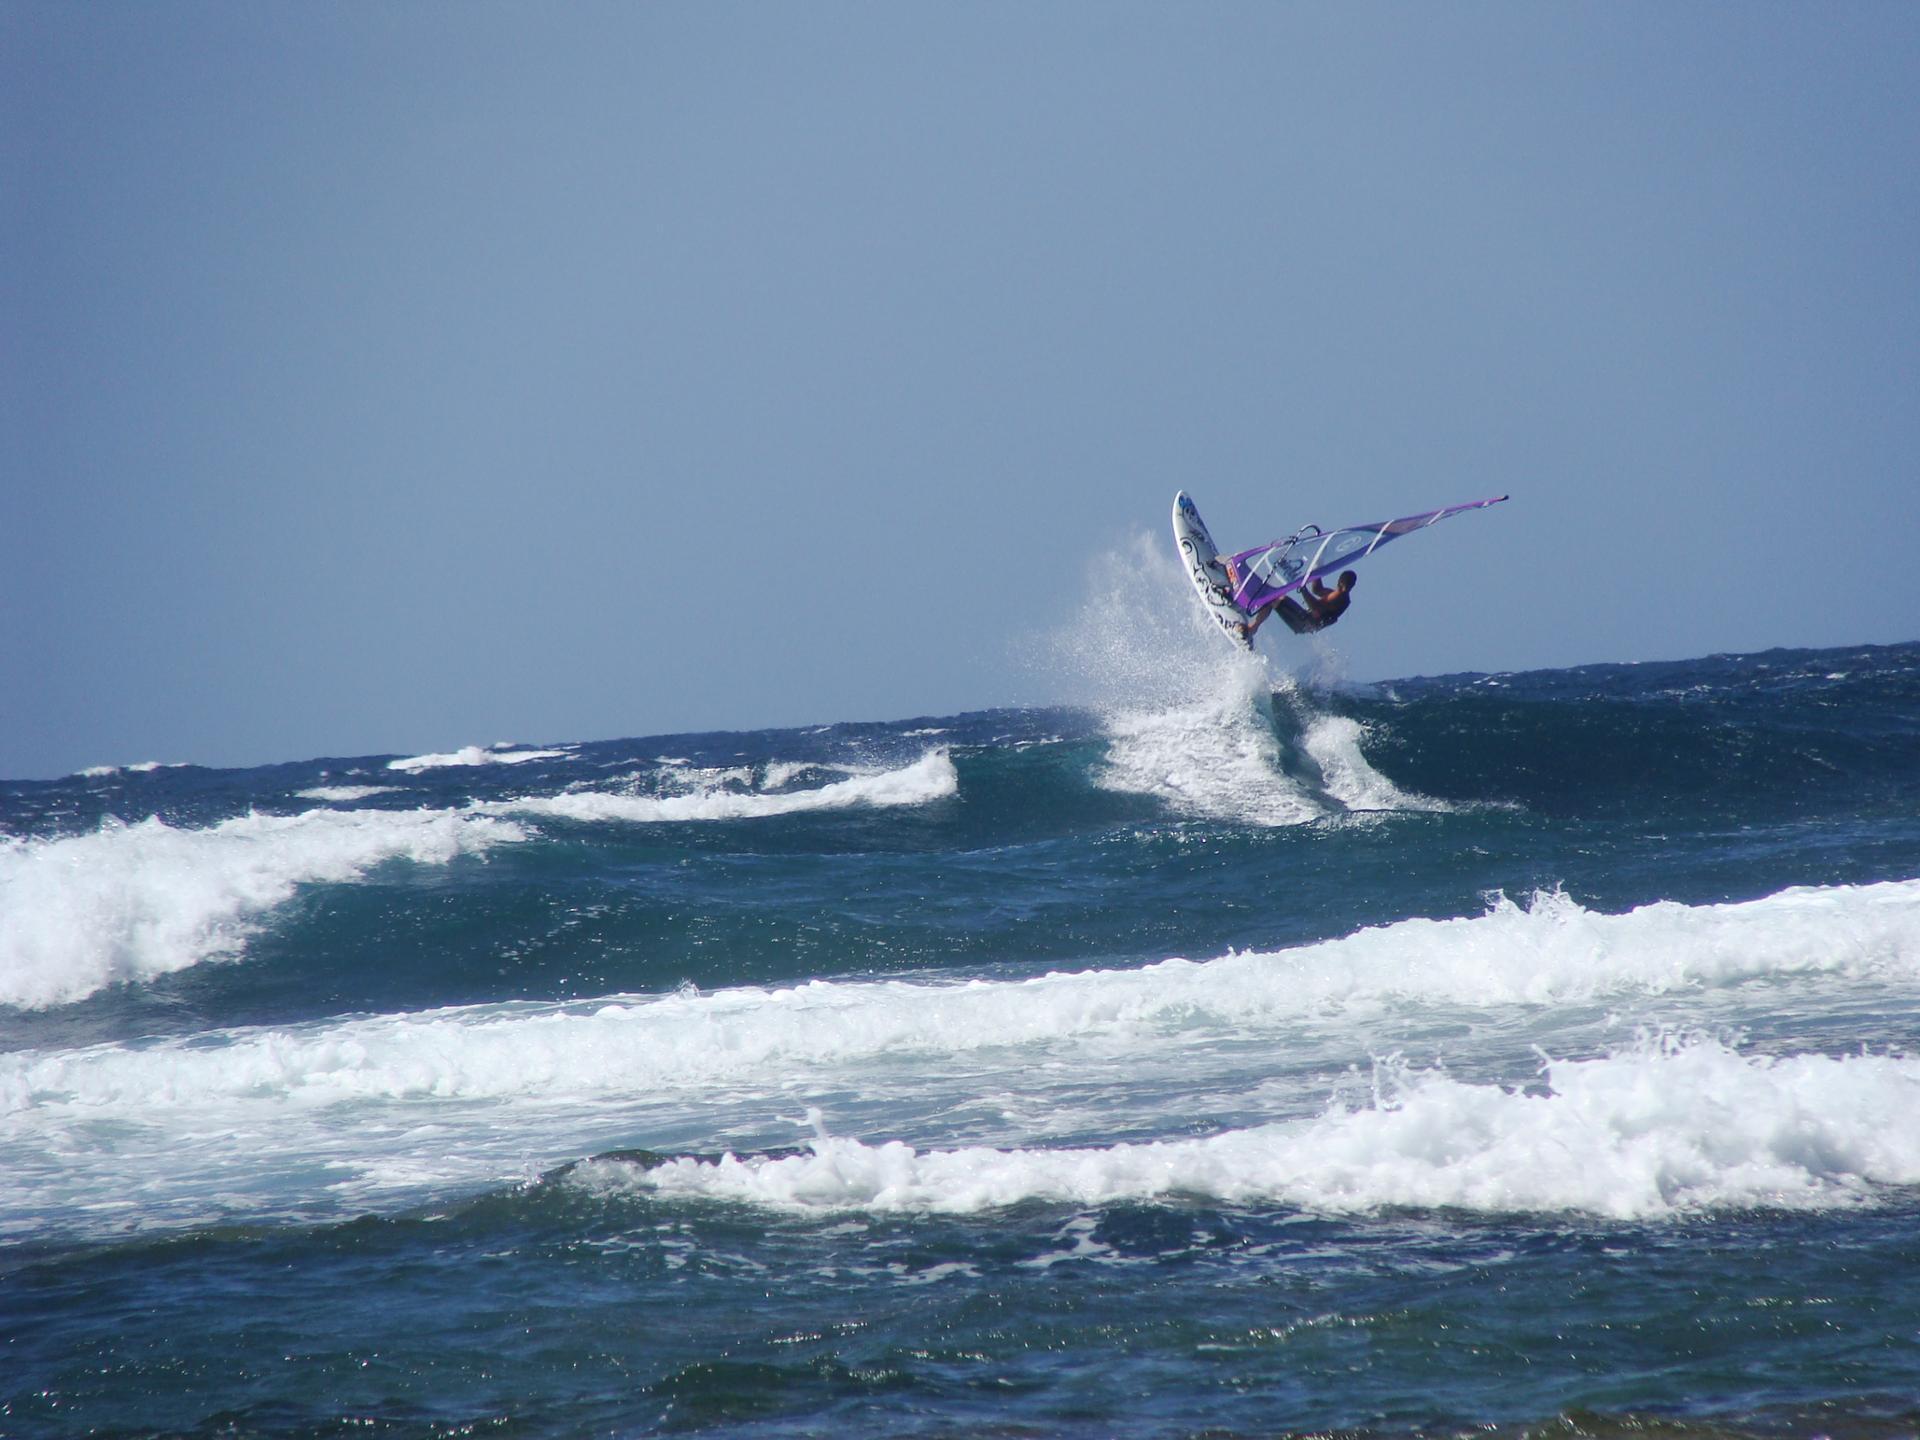 One jump, one dream